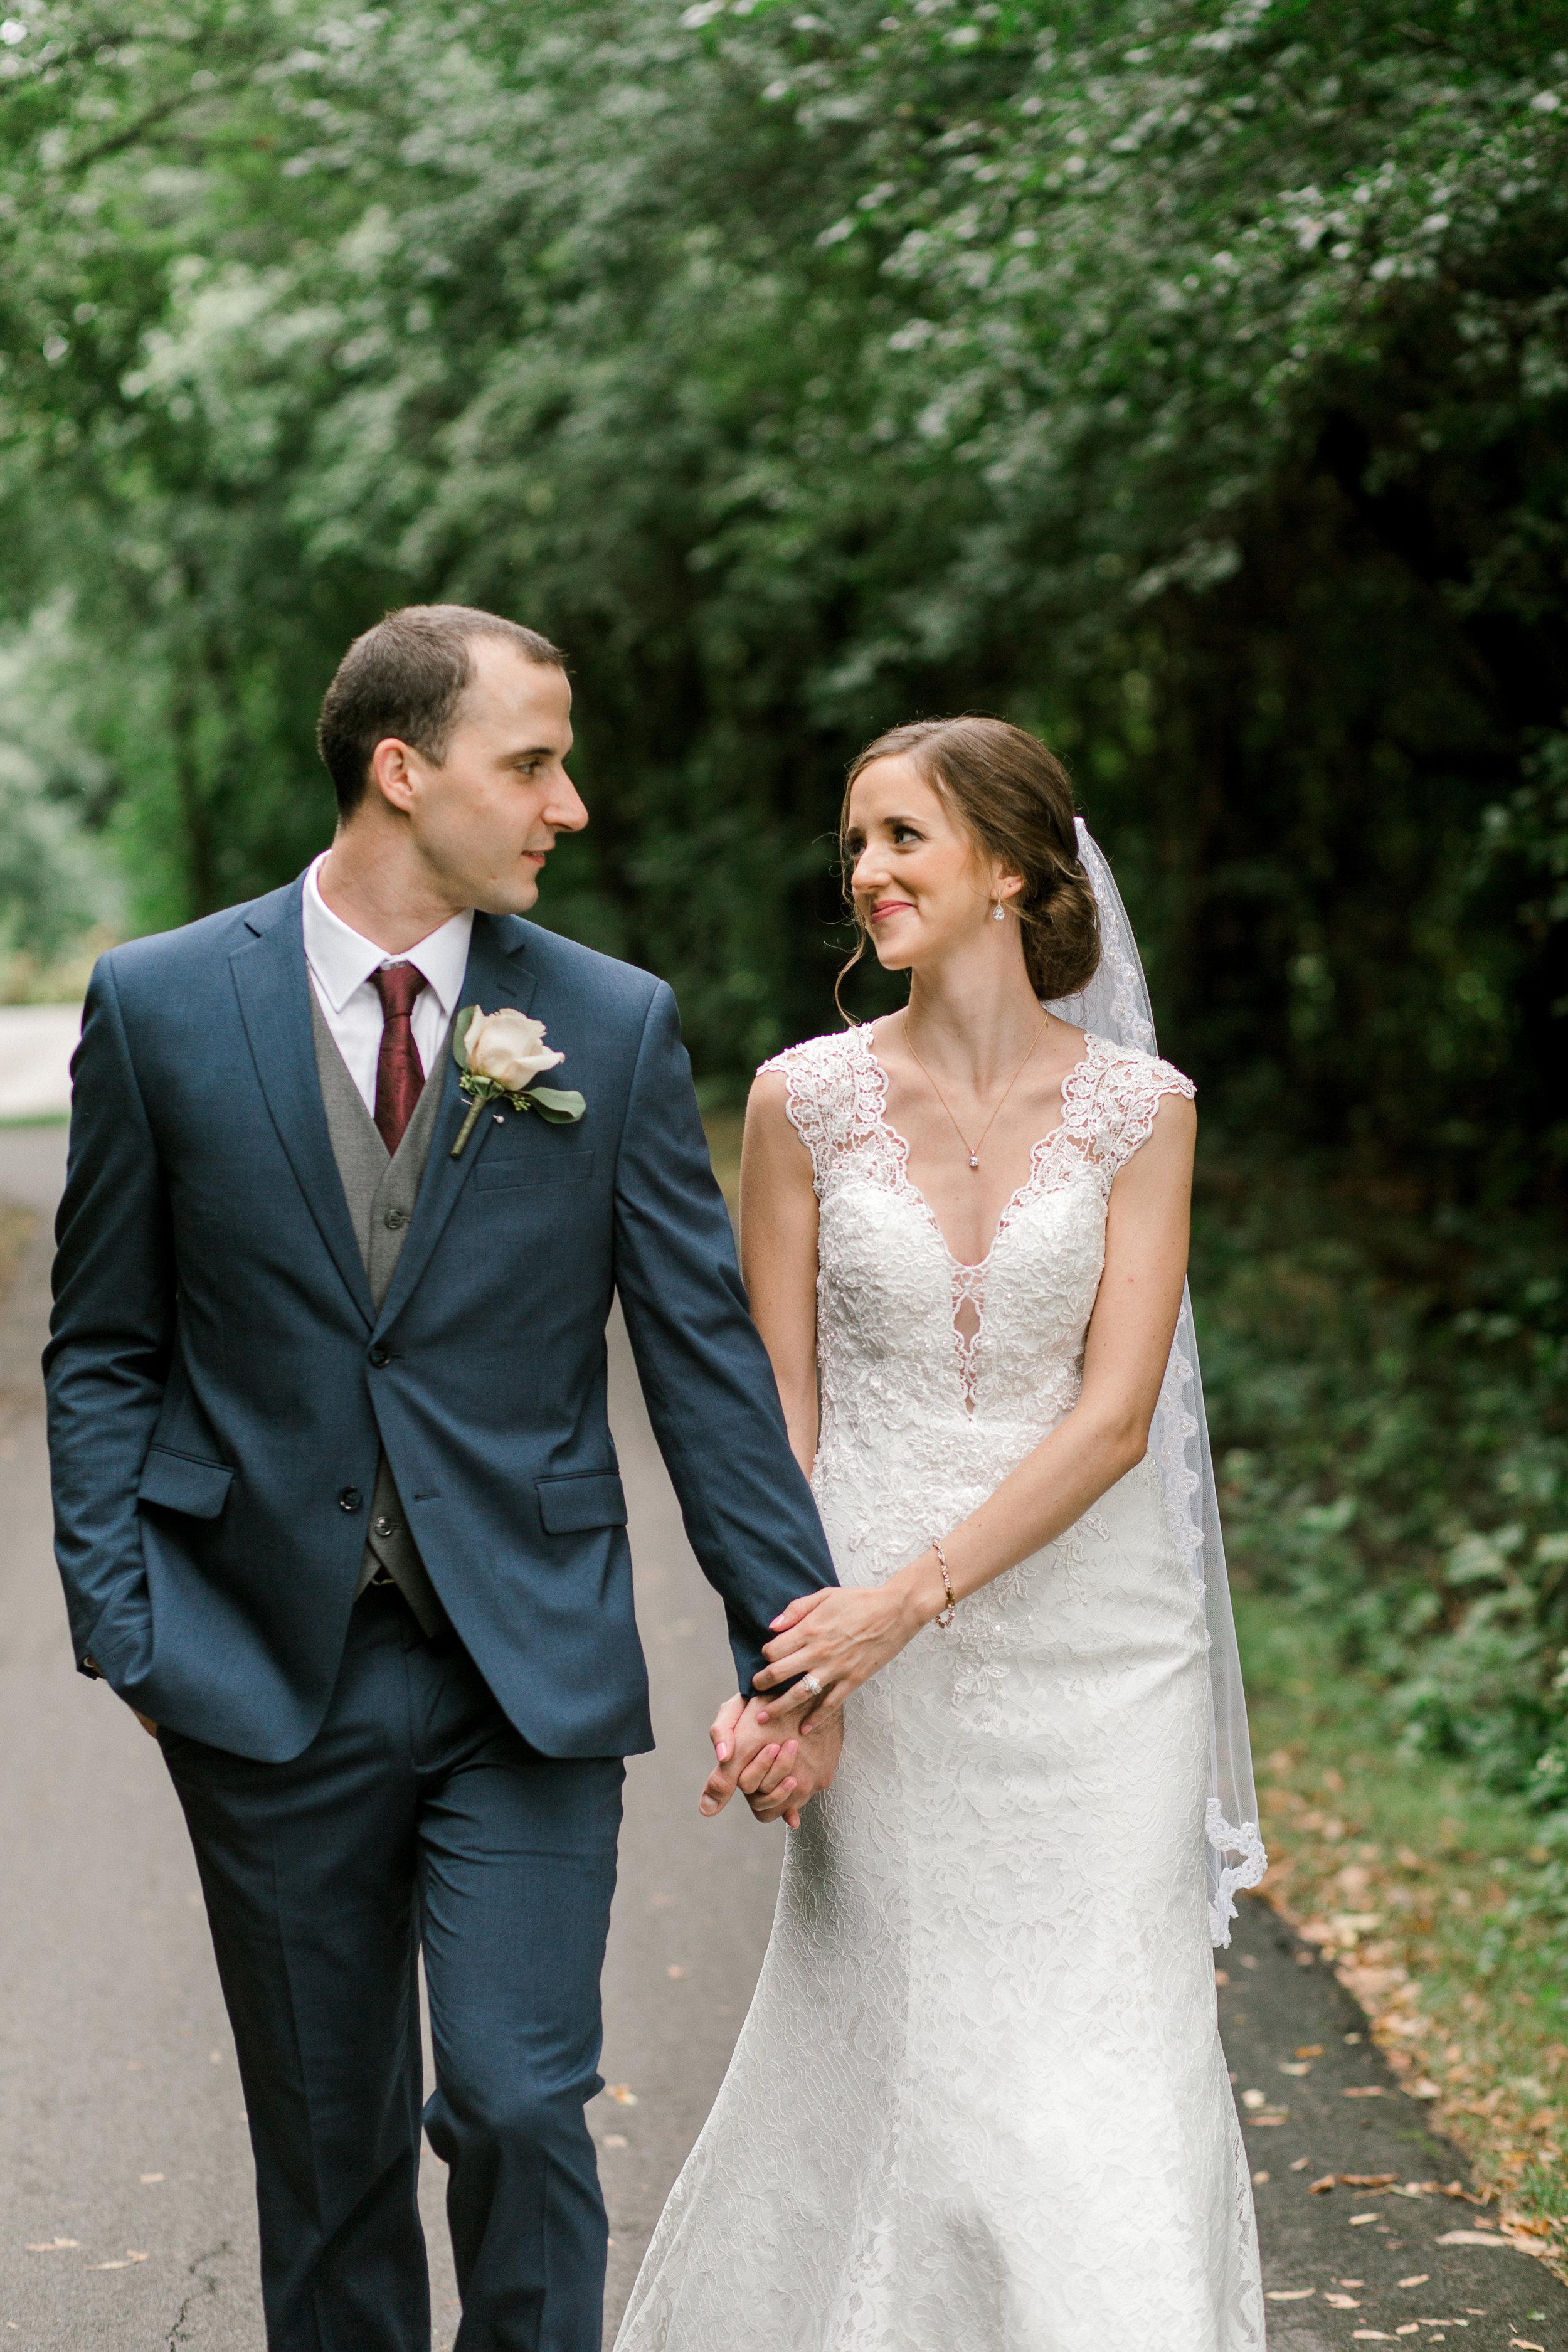 Lauren Baker Photography affordable wedding photographer Minnesota Midwest wedding photographer